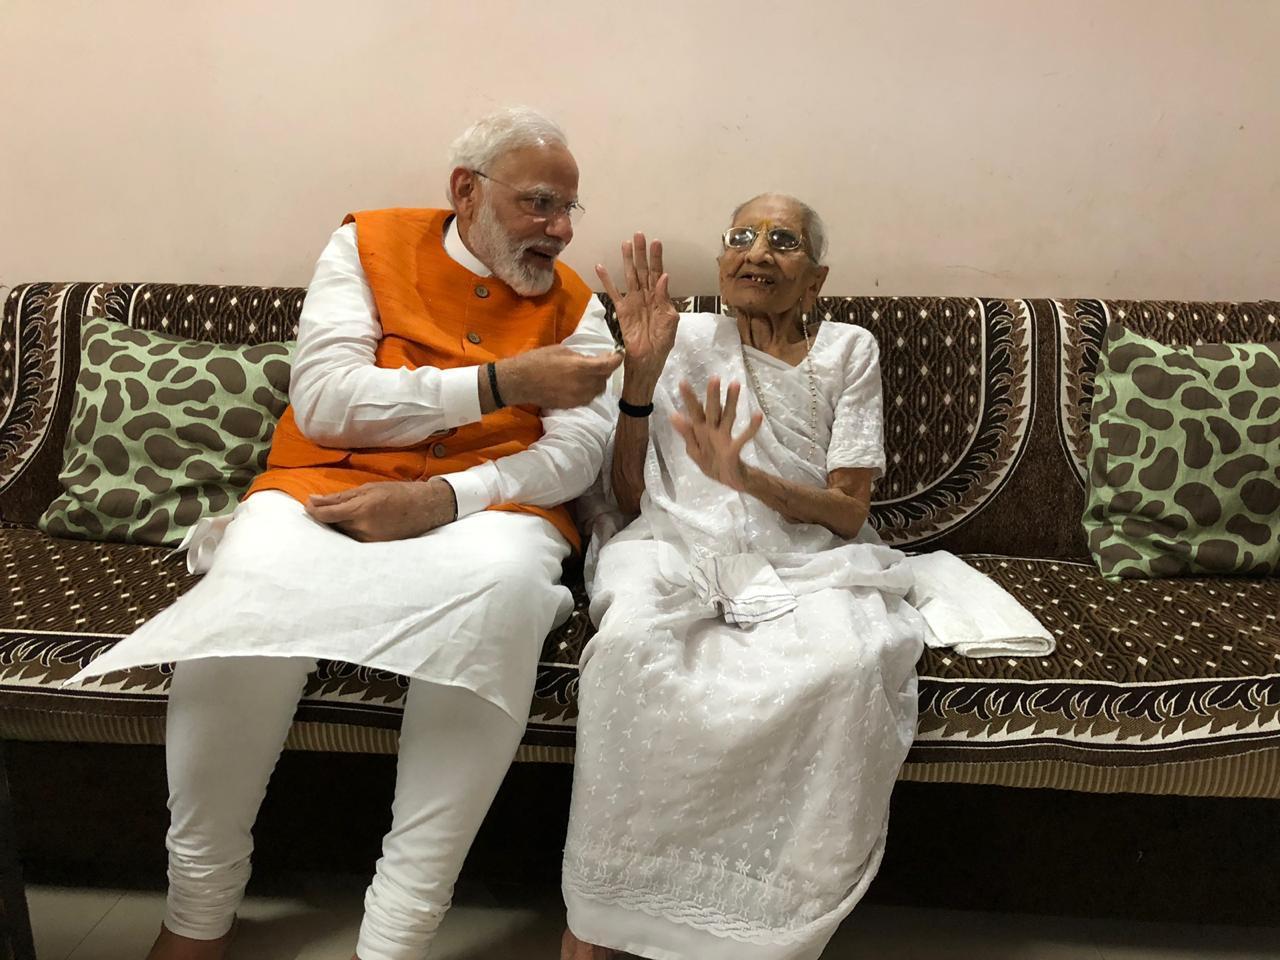 प्रत्येक मोठ्या आणि महत्त्वाची कामं करण्याआधी आईचे आशीर्वाद घ्यायला पंतप्रधान मोदी विसरत नाहीत. गरीब कुटुंबात झालेला त्यांचा जन्म, आईचे आशीर्वाद आणि त्यांची मेहनत आणि जिद्द यांच्या जोरावर आज ते राजकारणात सर्वोच्च शिखरापर्यंत पोहोचले आहे. त्याचा प्रामाणिकपणा, तत्वनिष्ठता आणि चिकाटी यामुळे पुन्हा एकदा दुसऱ्यांदा पंतप्रधान होण्याचा बहुमान त्यांनी मिळवला.